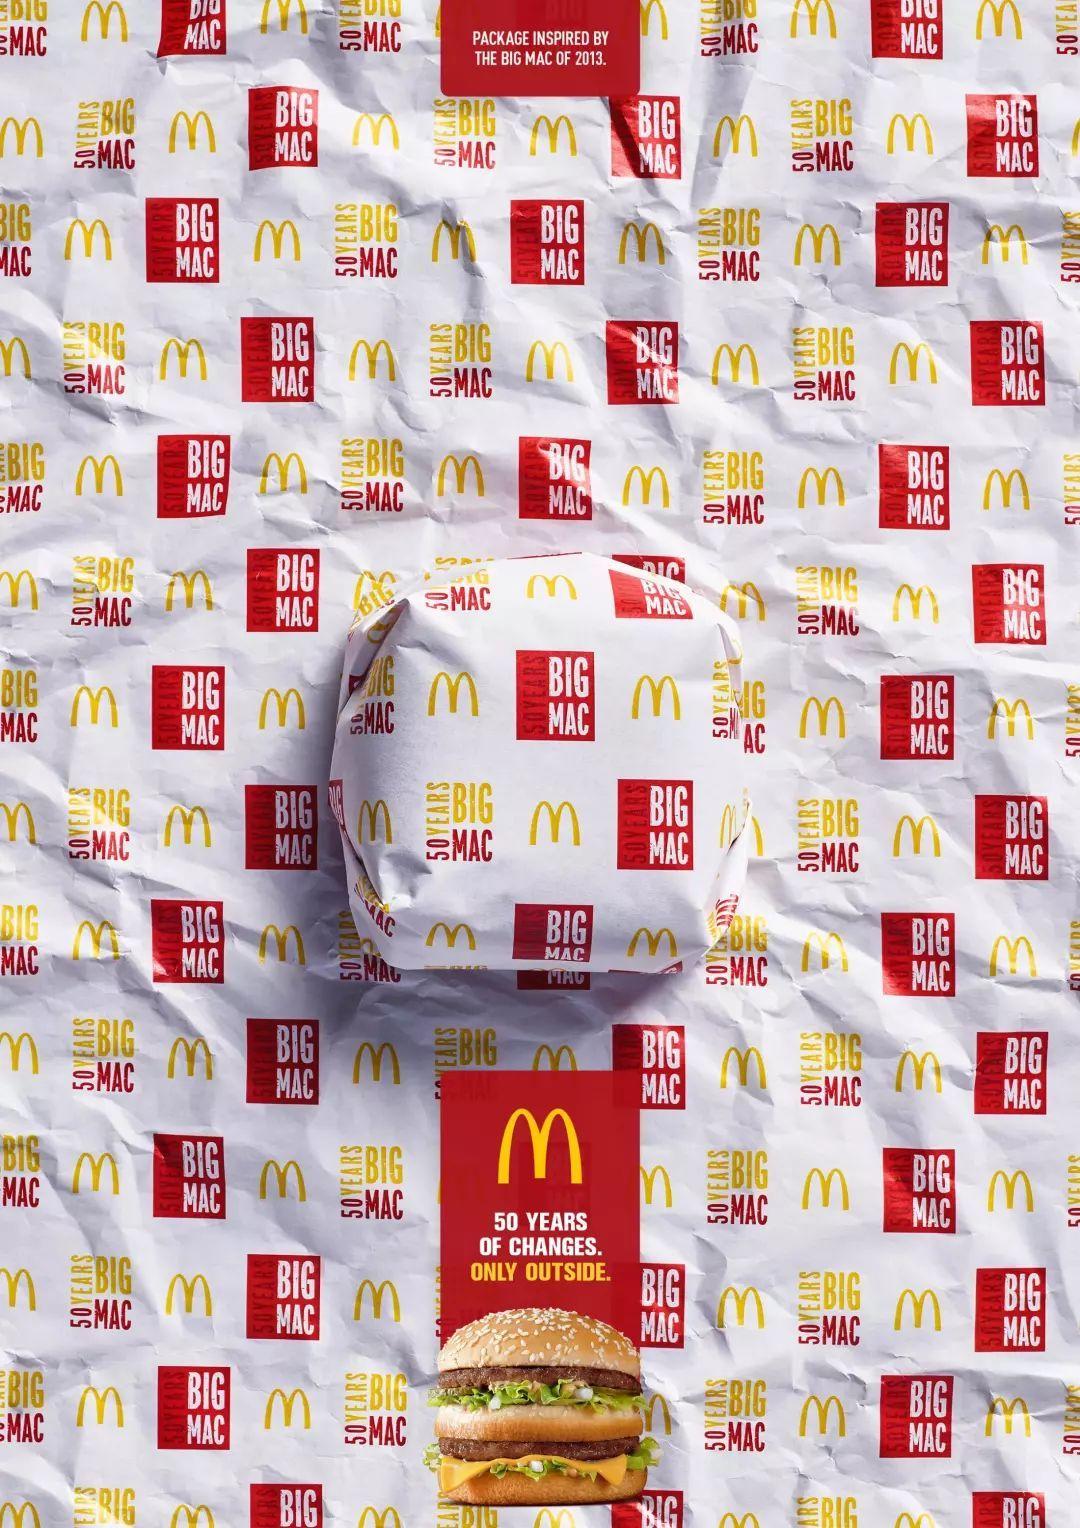 广告海报设计欣赏  有哪些优秀的快餐广告海报